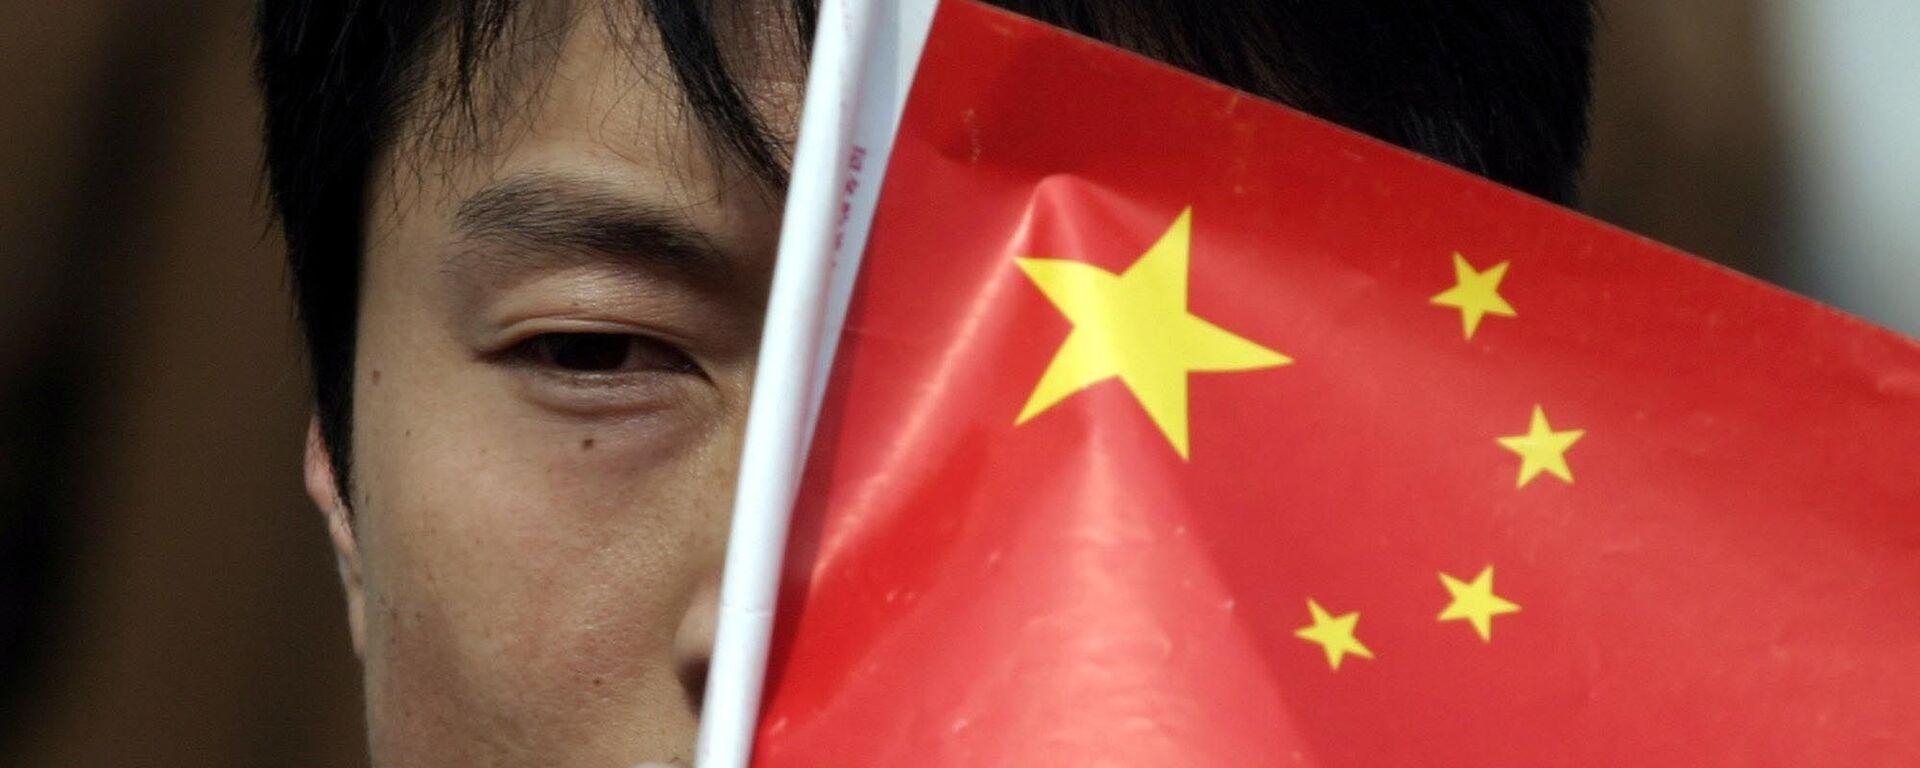 Bandiera della Cina - Sputnik Italia, 1920, 05.08.2019